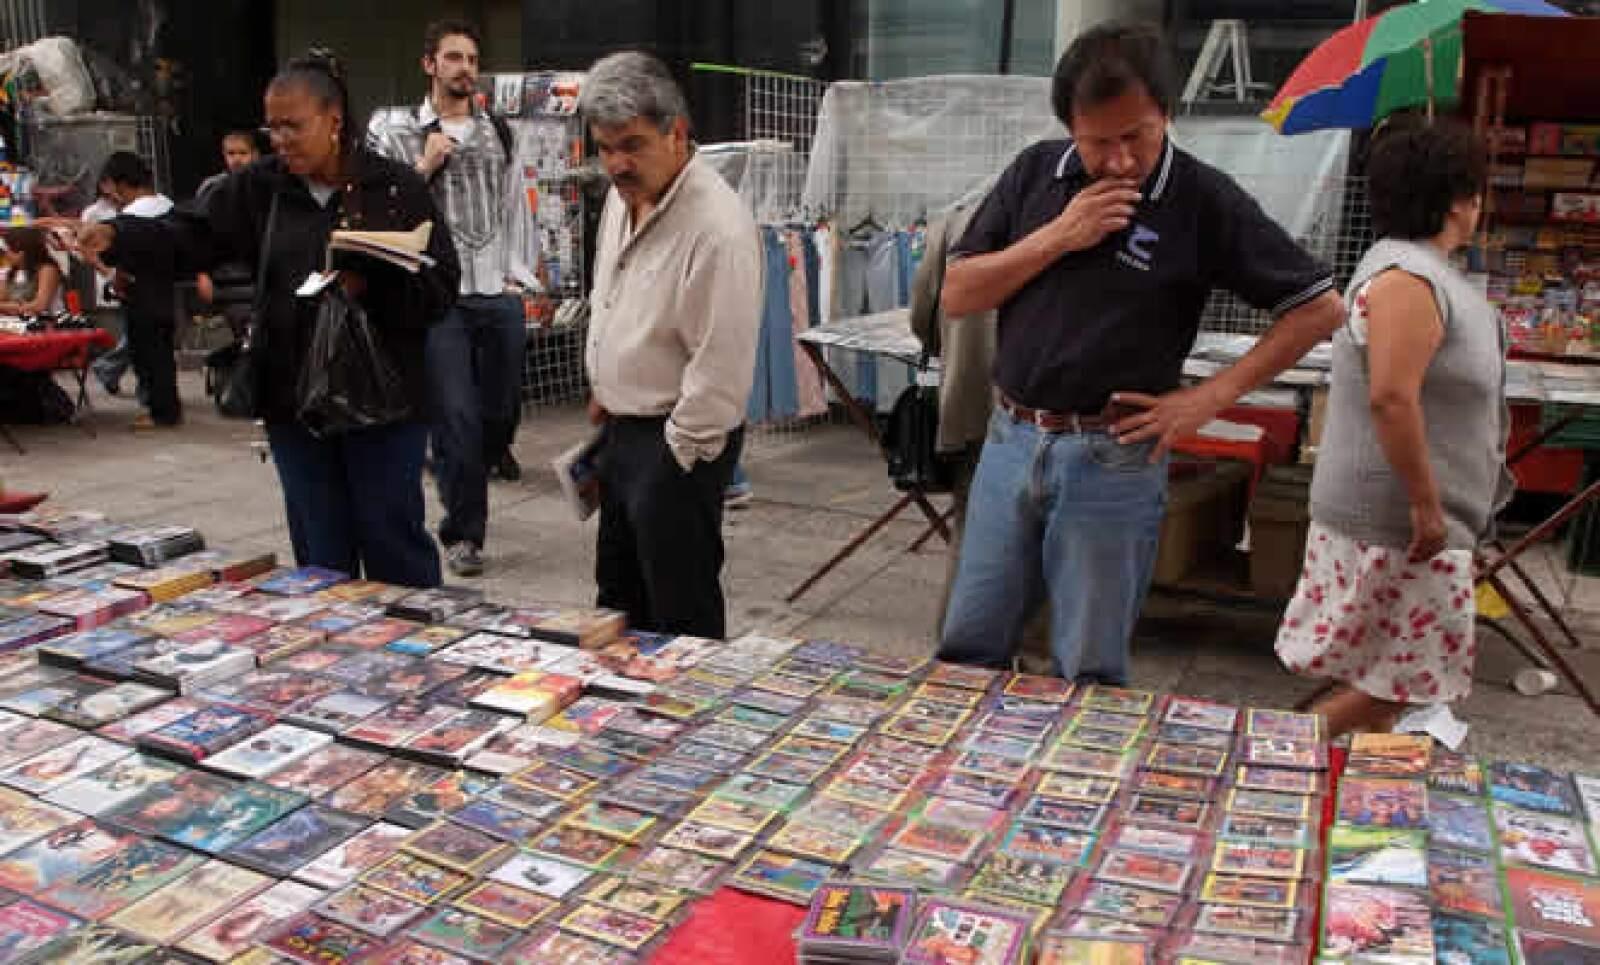 La economía informal en México alcanzó ganancias de 75 mil mdd este año, casi el doble de lo que se ha reportado como resultado de actividades del narcotráfico según la Cámara Americana de Comercio (Amcham), que prevé que la piratería siga creciendo hasta